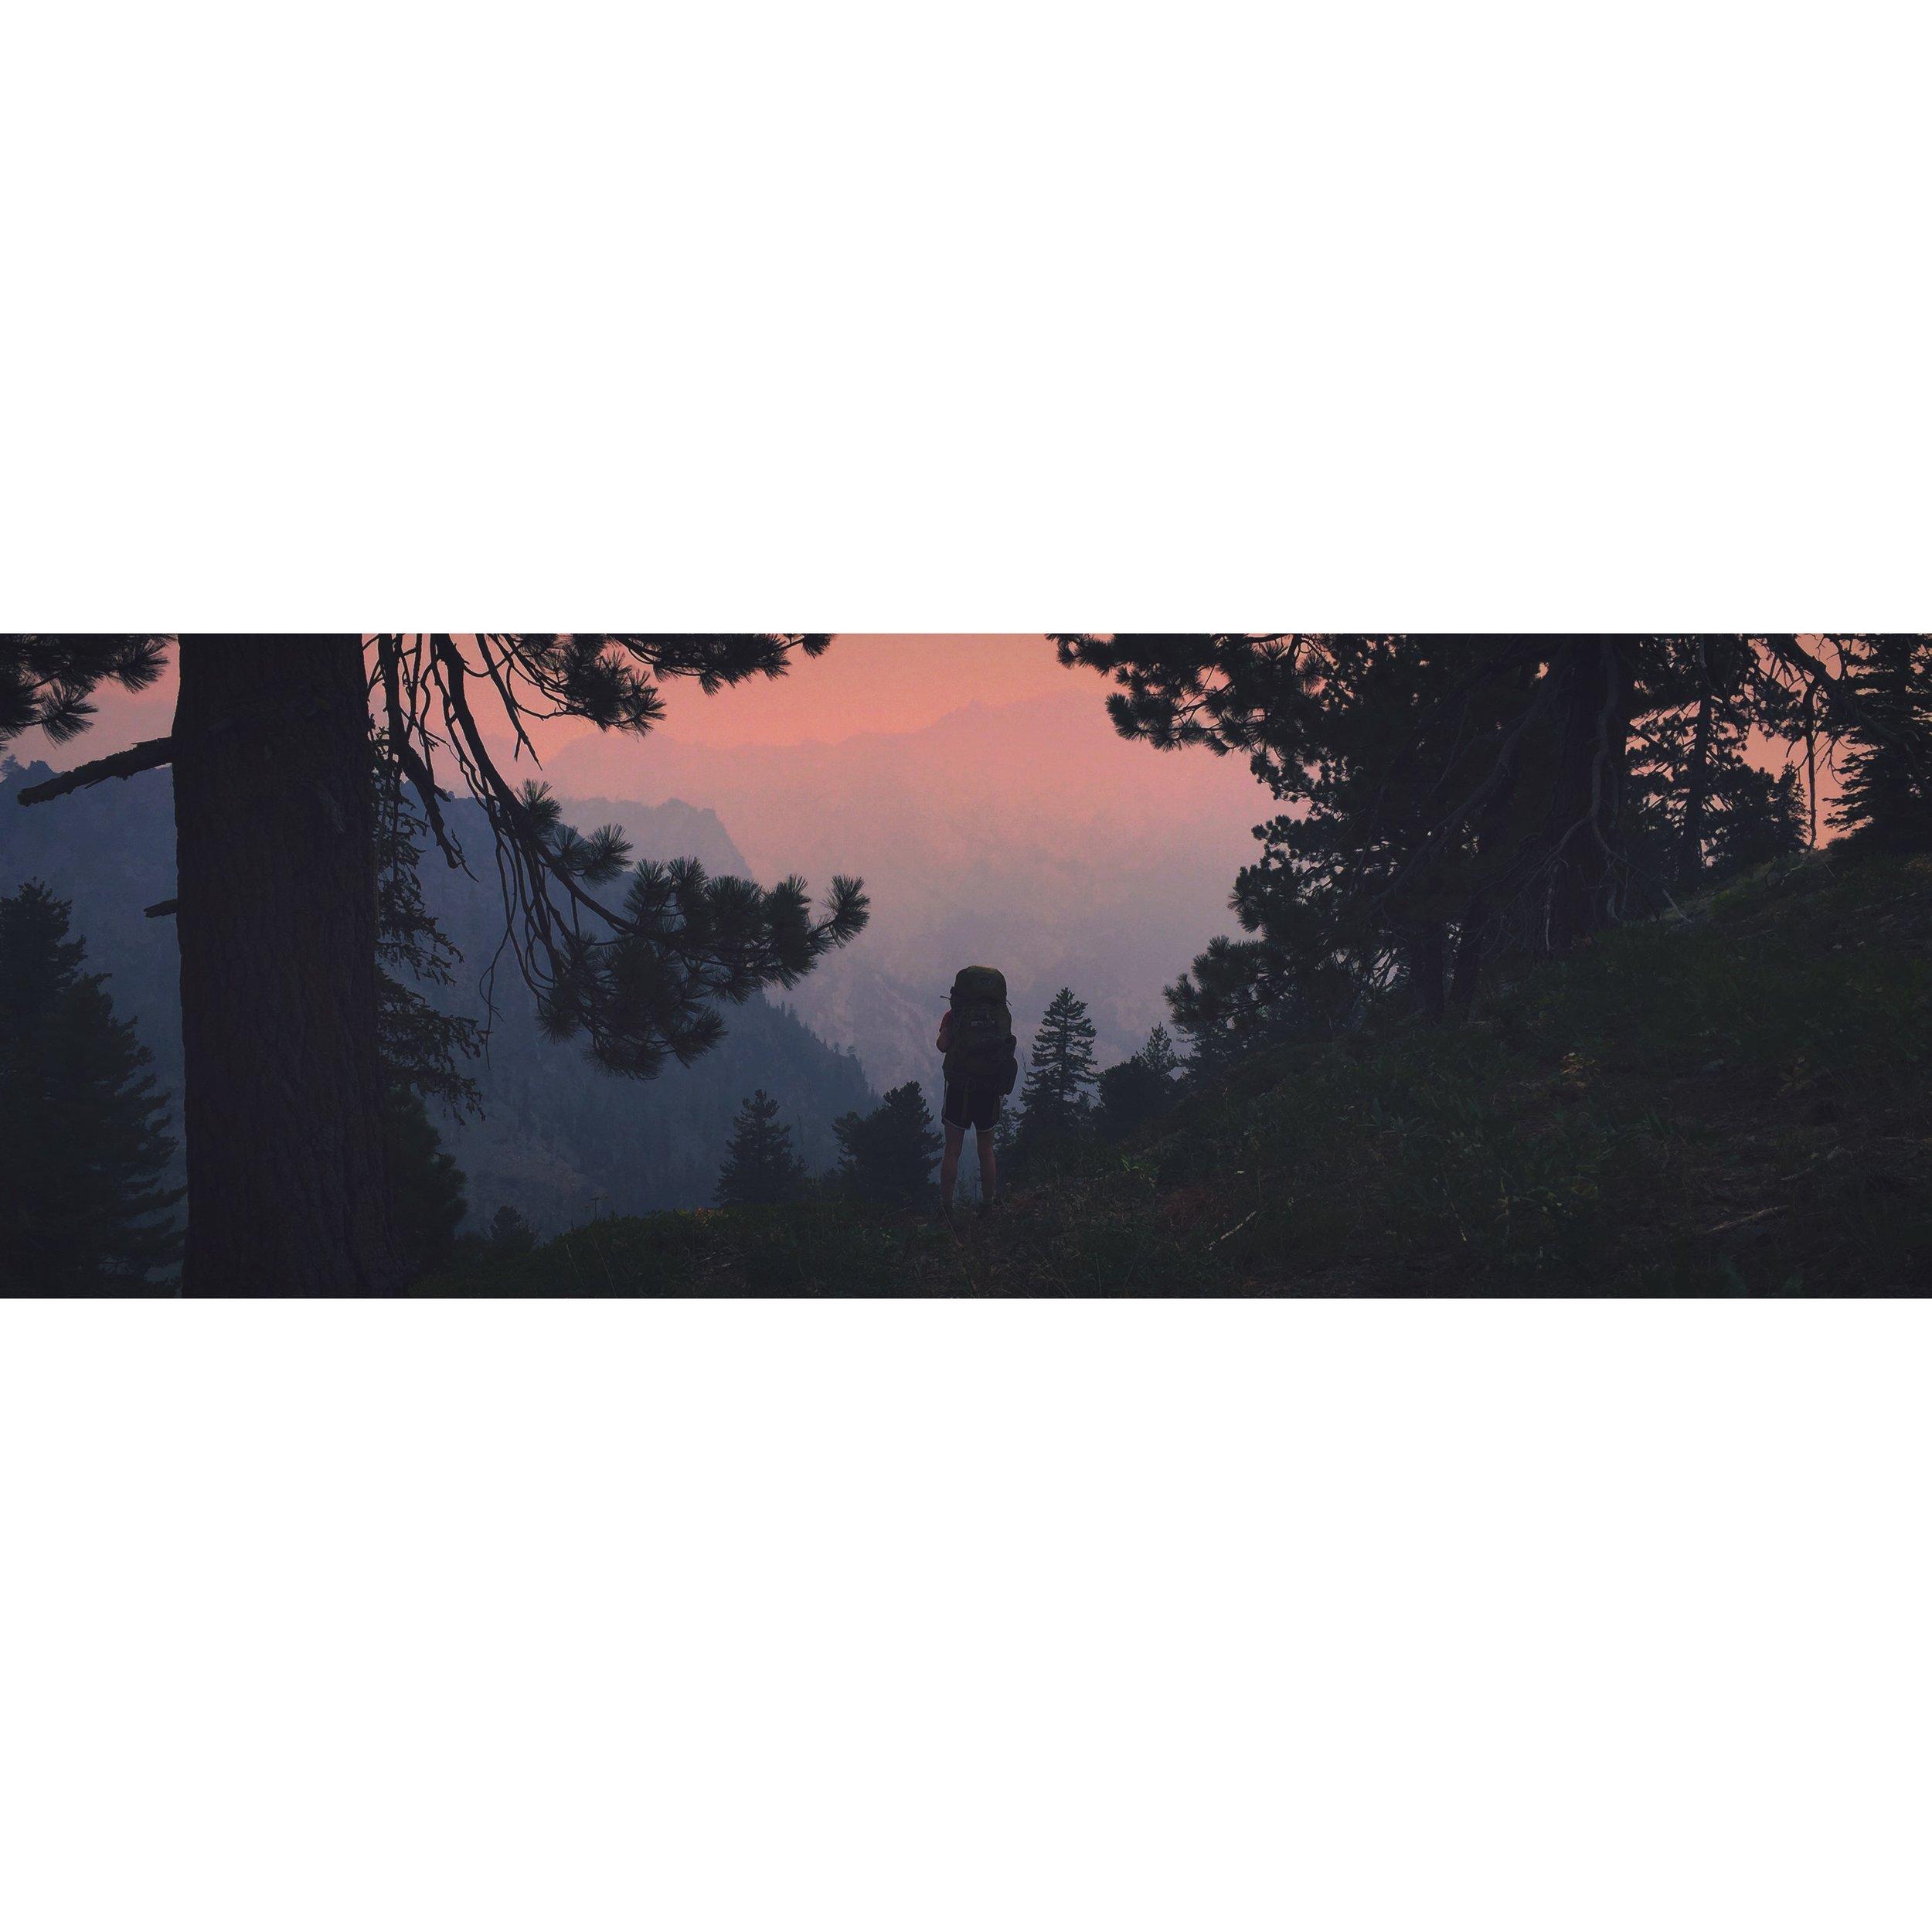 One of many smokey vista